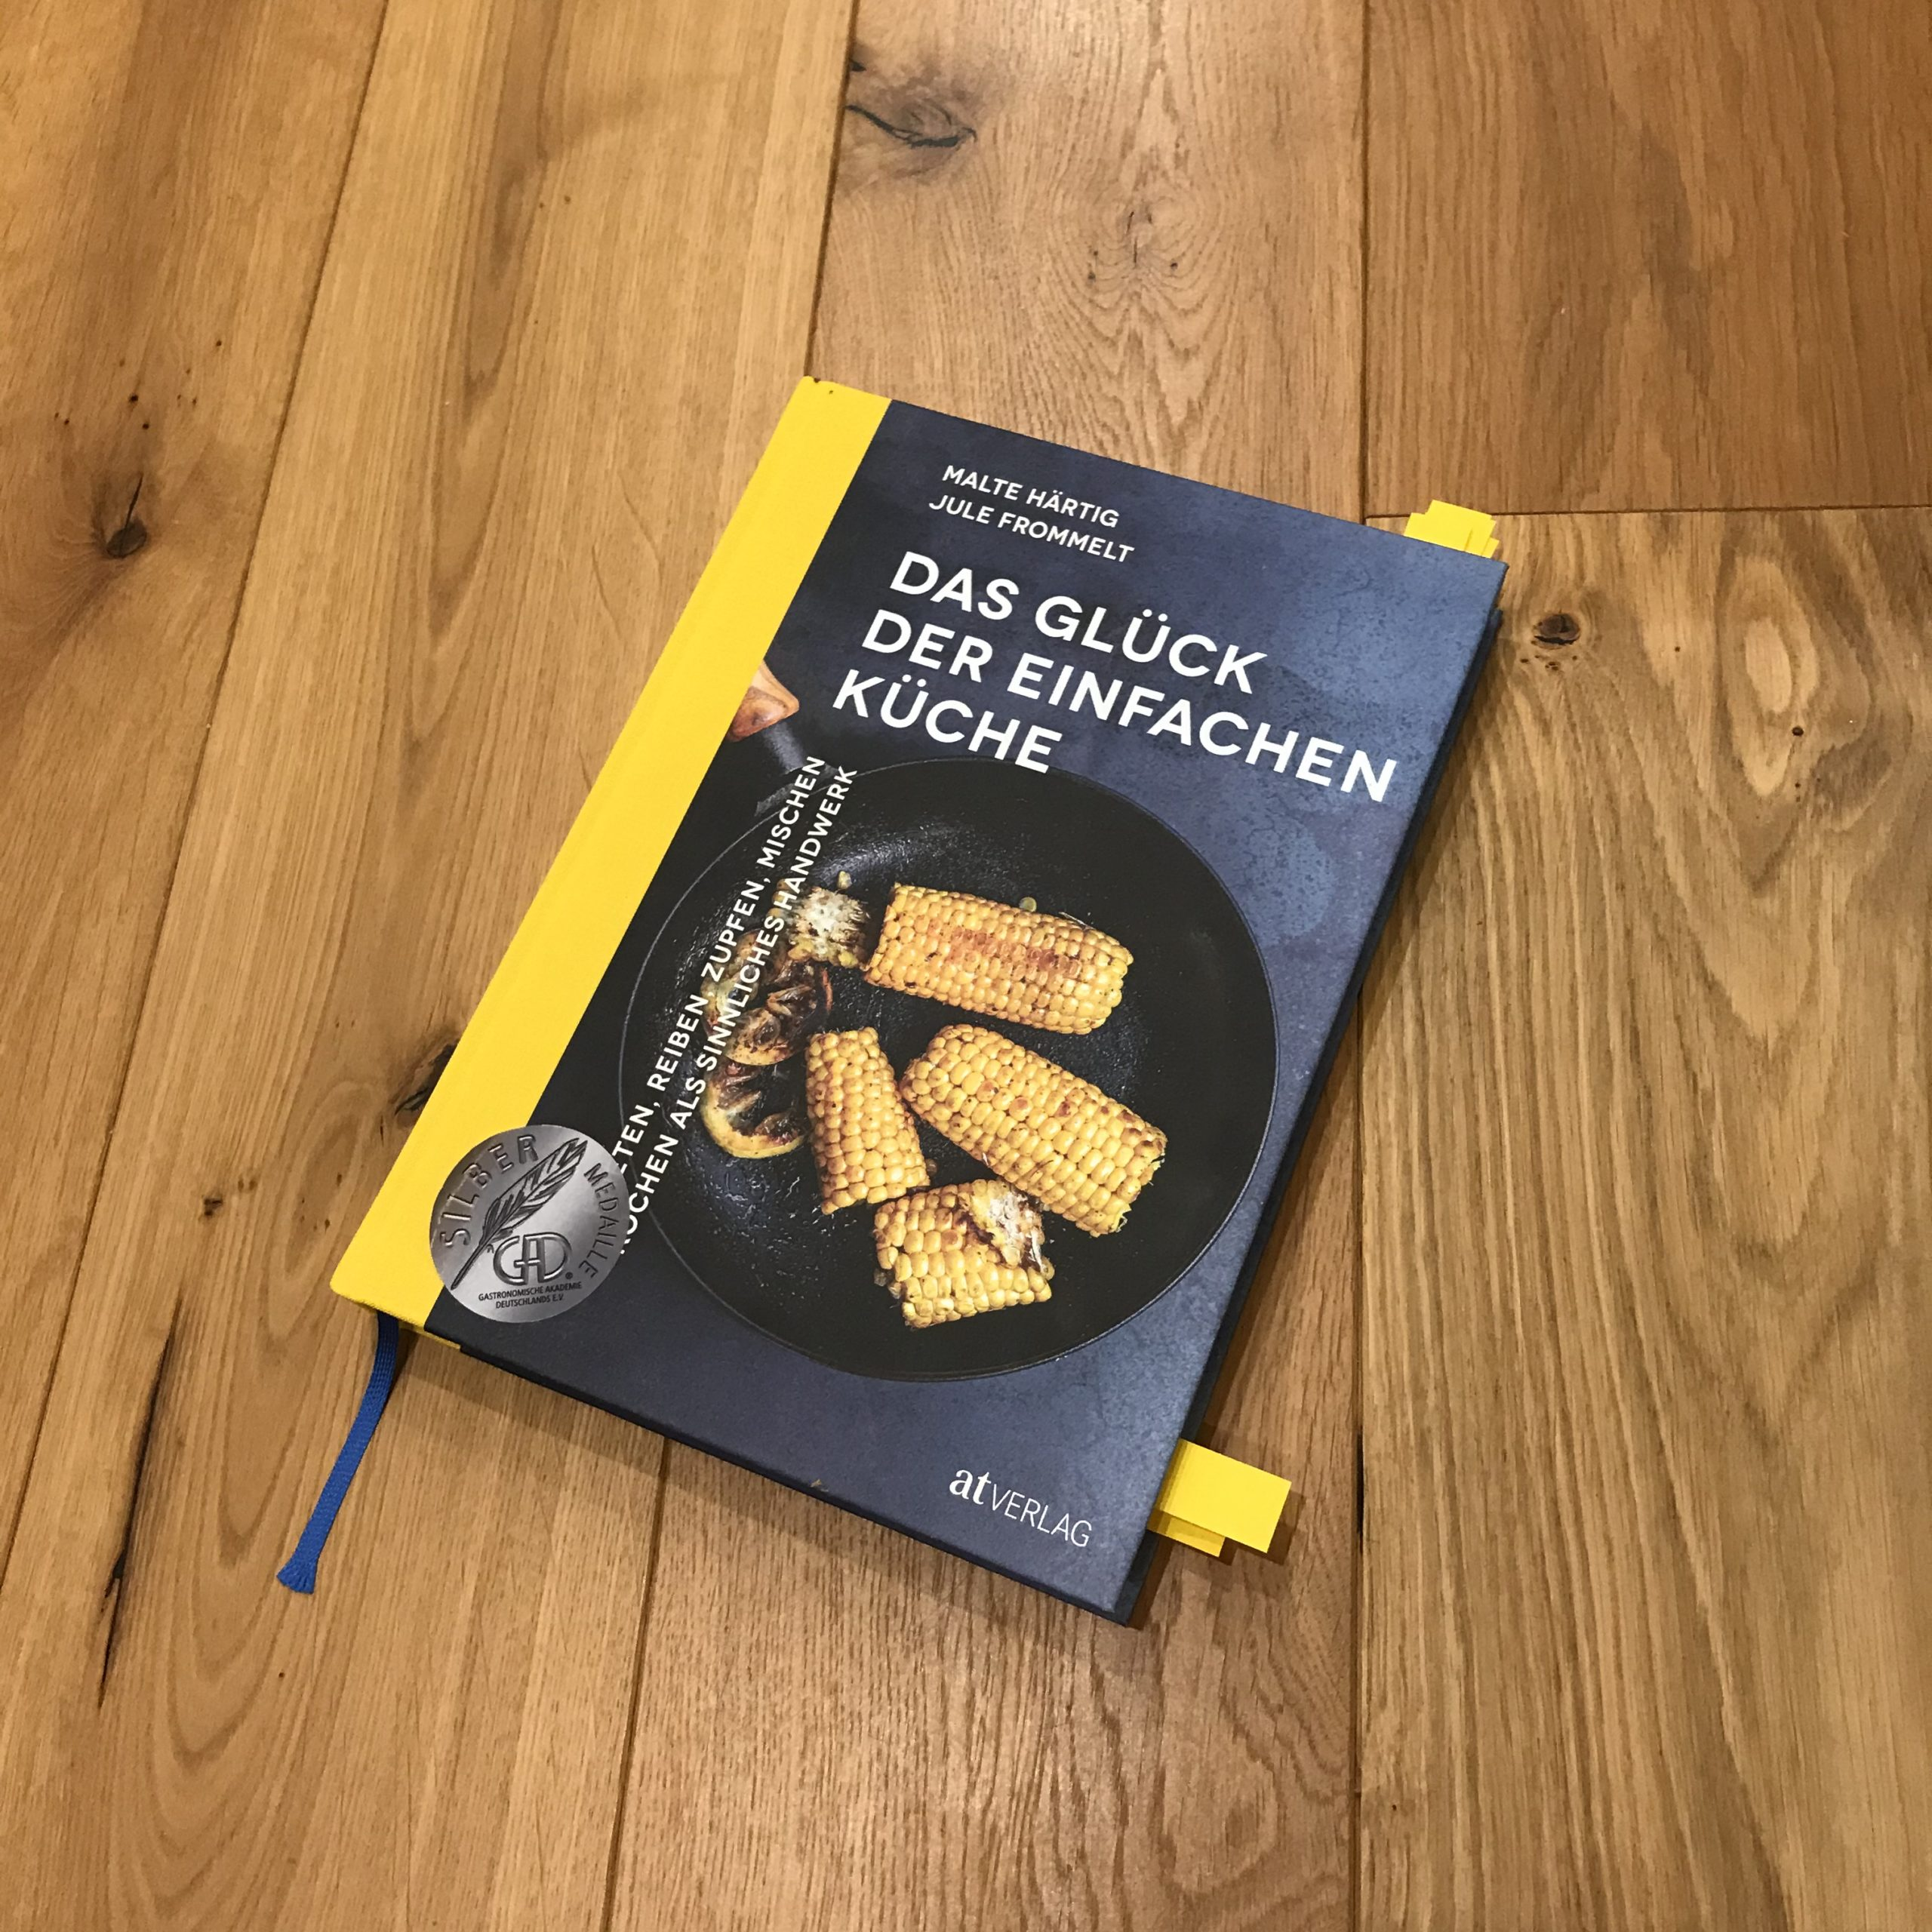 Das Glück der einfache Küche im Kochbuchtest